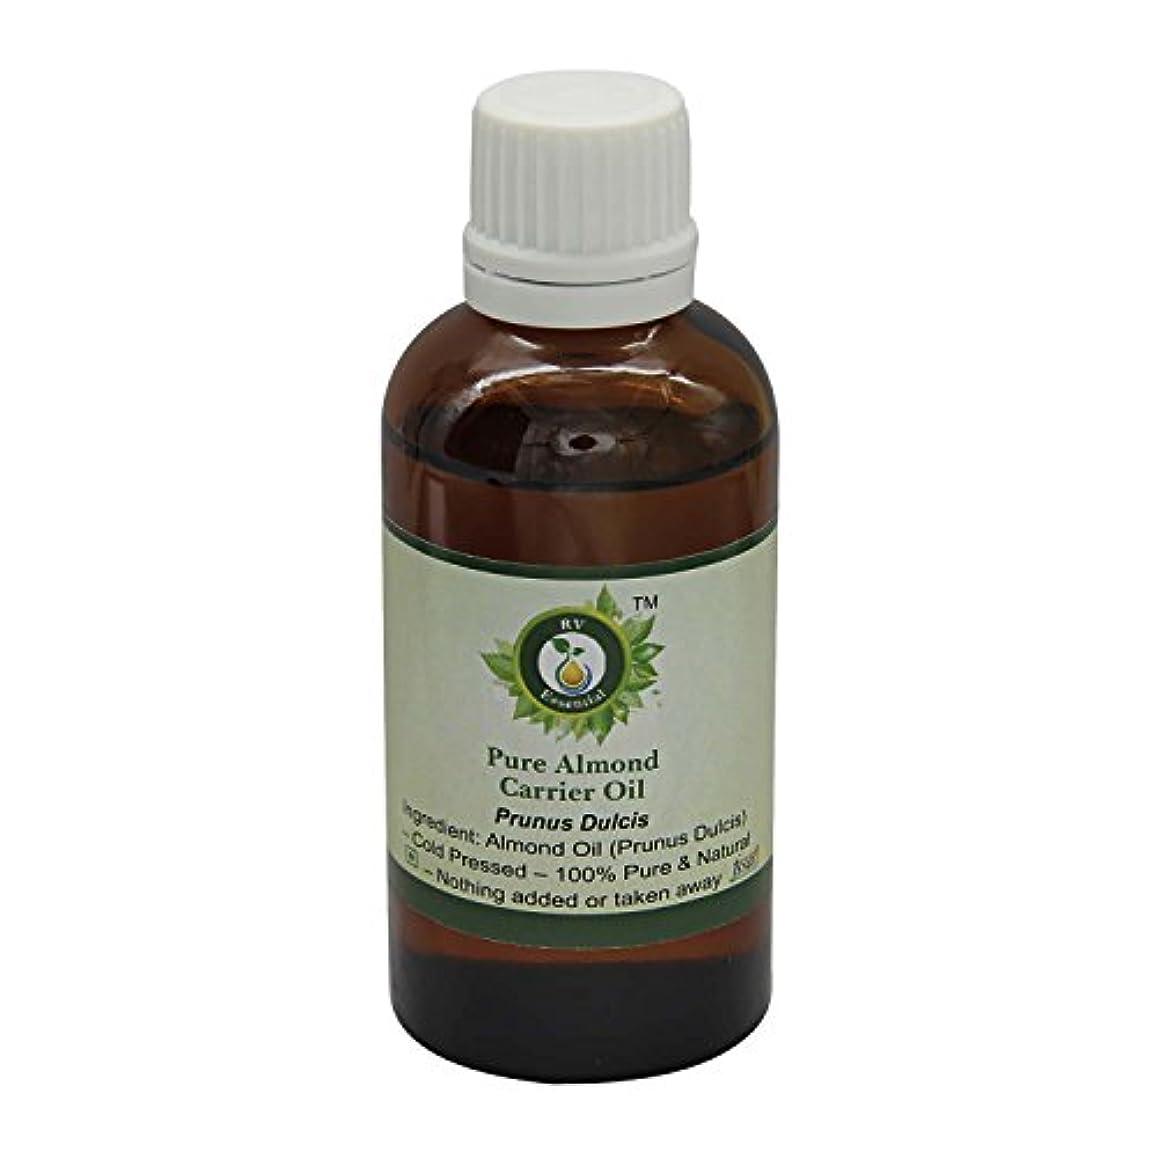 癌頂点中古R V Essential 純粋なアーモンドキャリアオイル50ml (1.69oz)- Prunus Dulcis (100%ピュア&ナチュラルコールドPressed) Pure Almond Carrier Oil